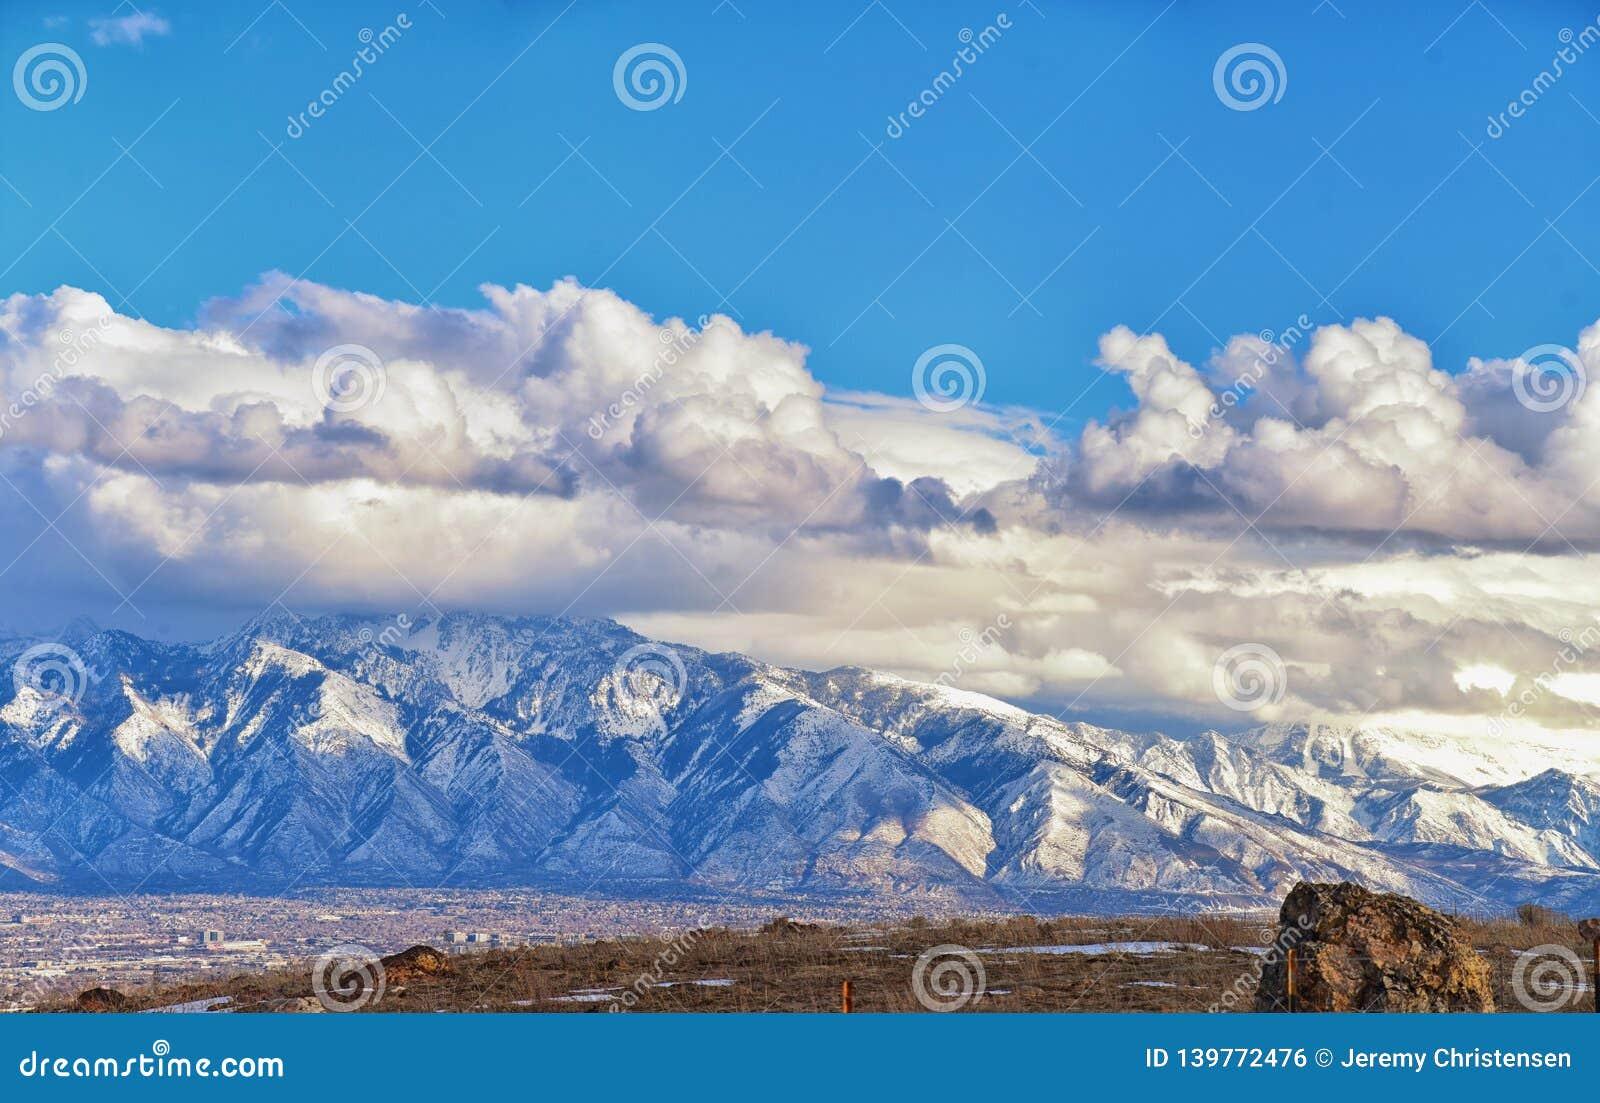 A vista panorâmica do inverno da neve tampou Wasatch Front Rocky Mountains, vale de Great Salt Lake e Cloudscape de Bacchus Highw